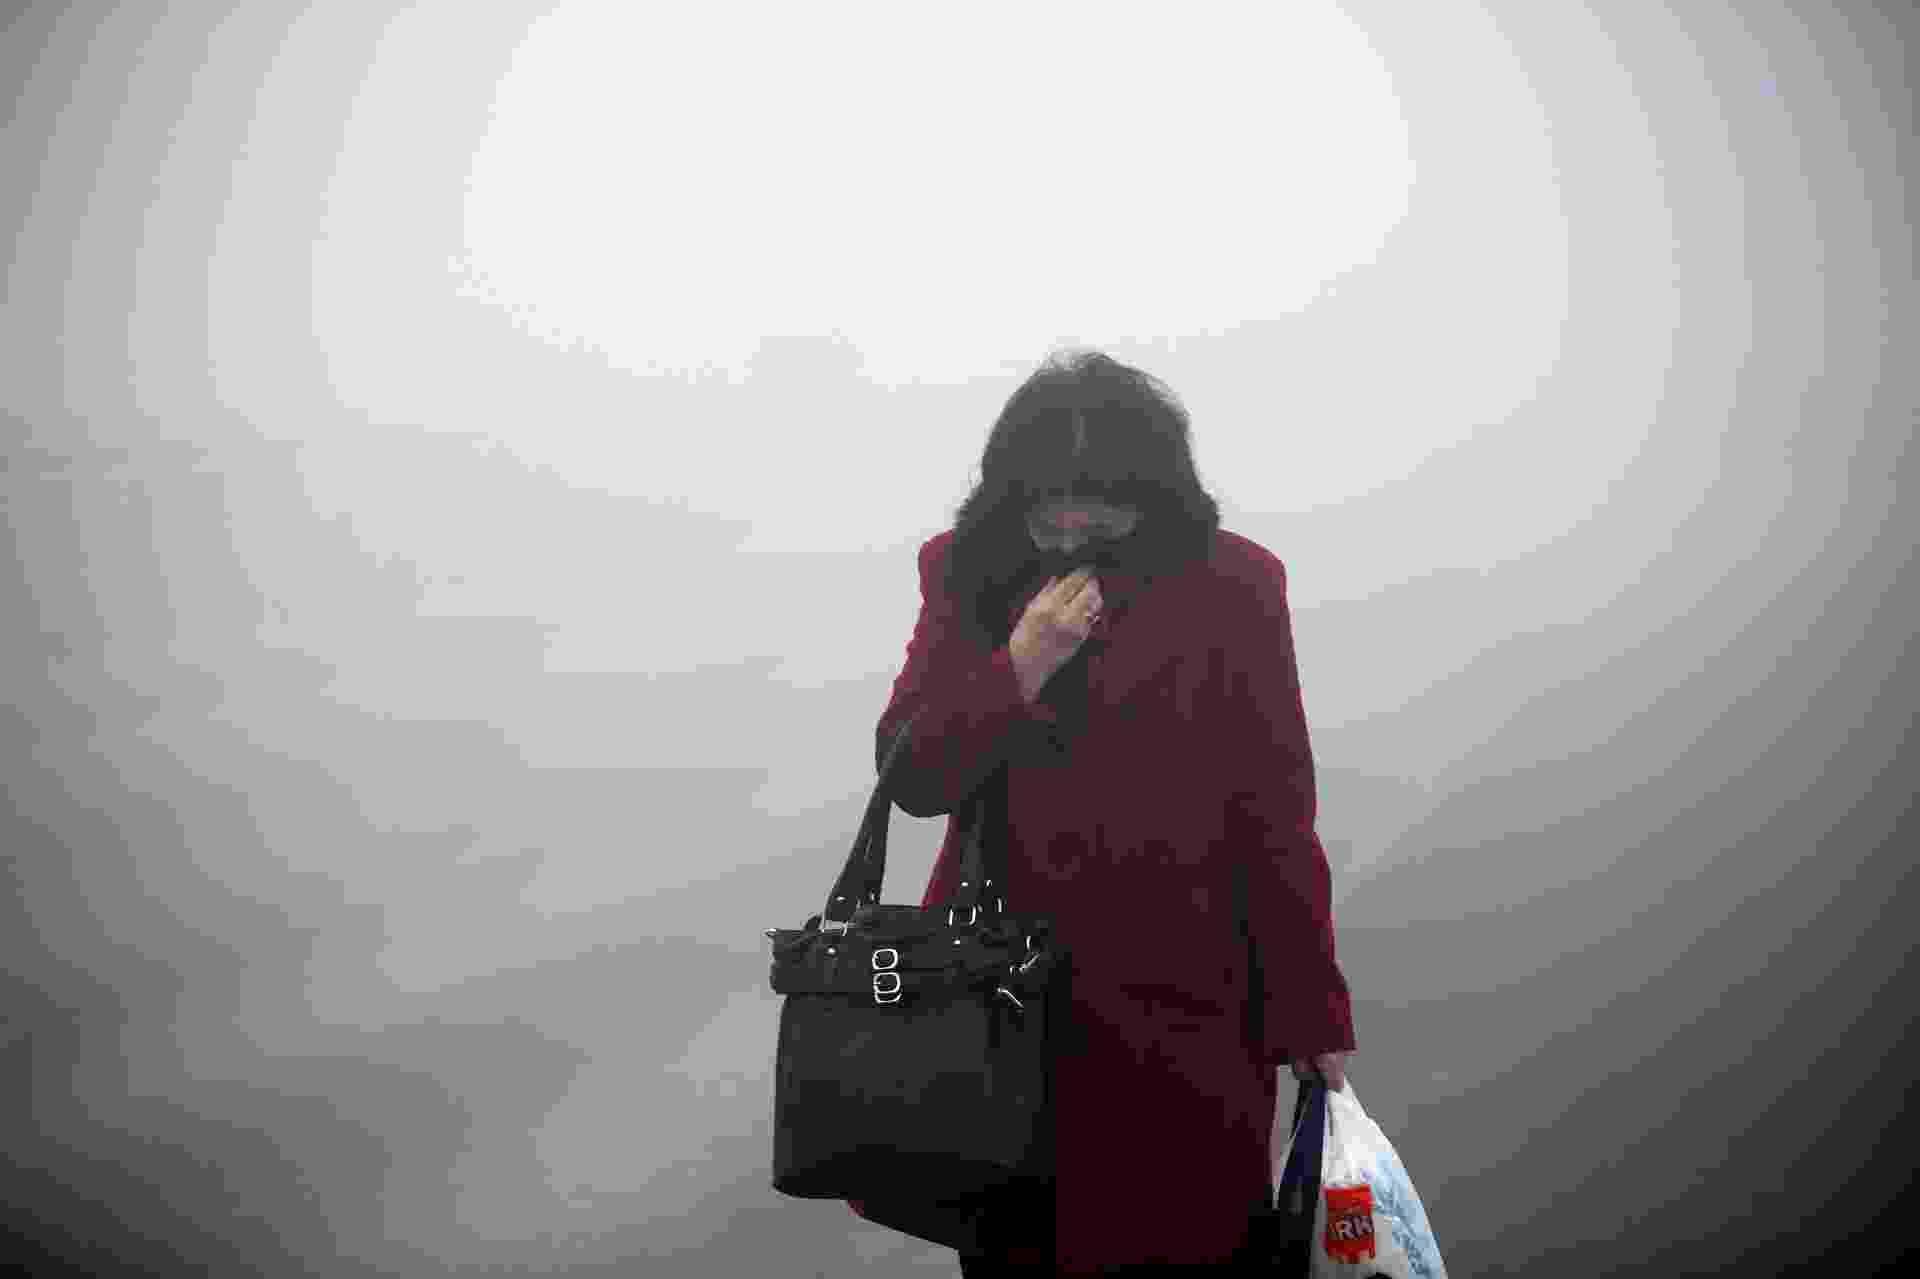 20.dez.2013 - Uma mulher caminha em meio a uma fumaça densa que encobre a cidade de Kakanj, na Bósnia. A fumaça é causada pela mistura da neblina com a poluição industrial, do trânsito e dos incêndios - Dado Ruvic/Reuters